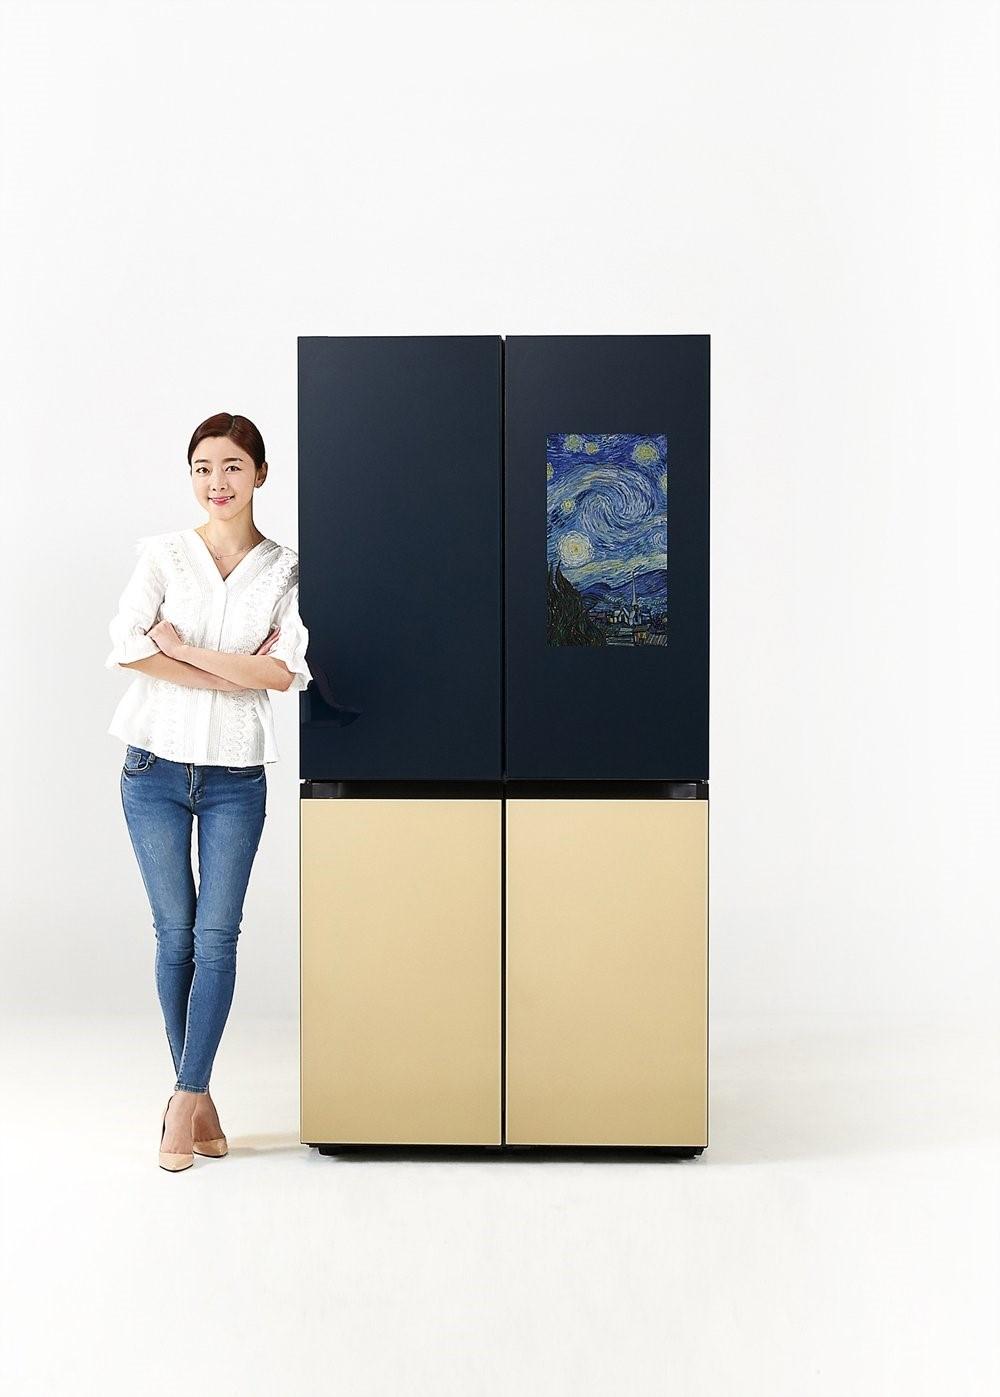 Samsung выпустила умный 4-дверный холодильник Bespoke с функциями Family Hub